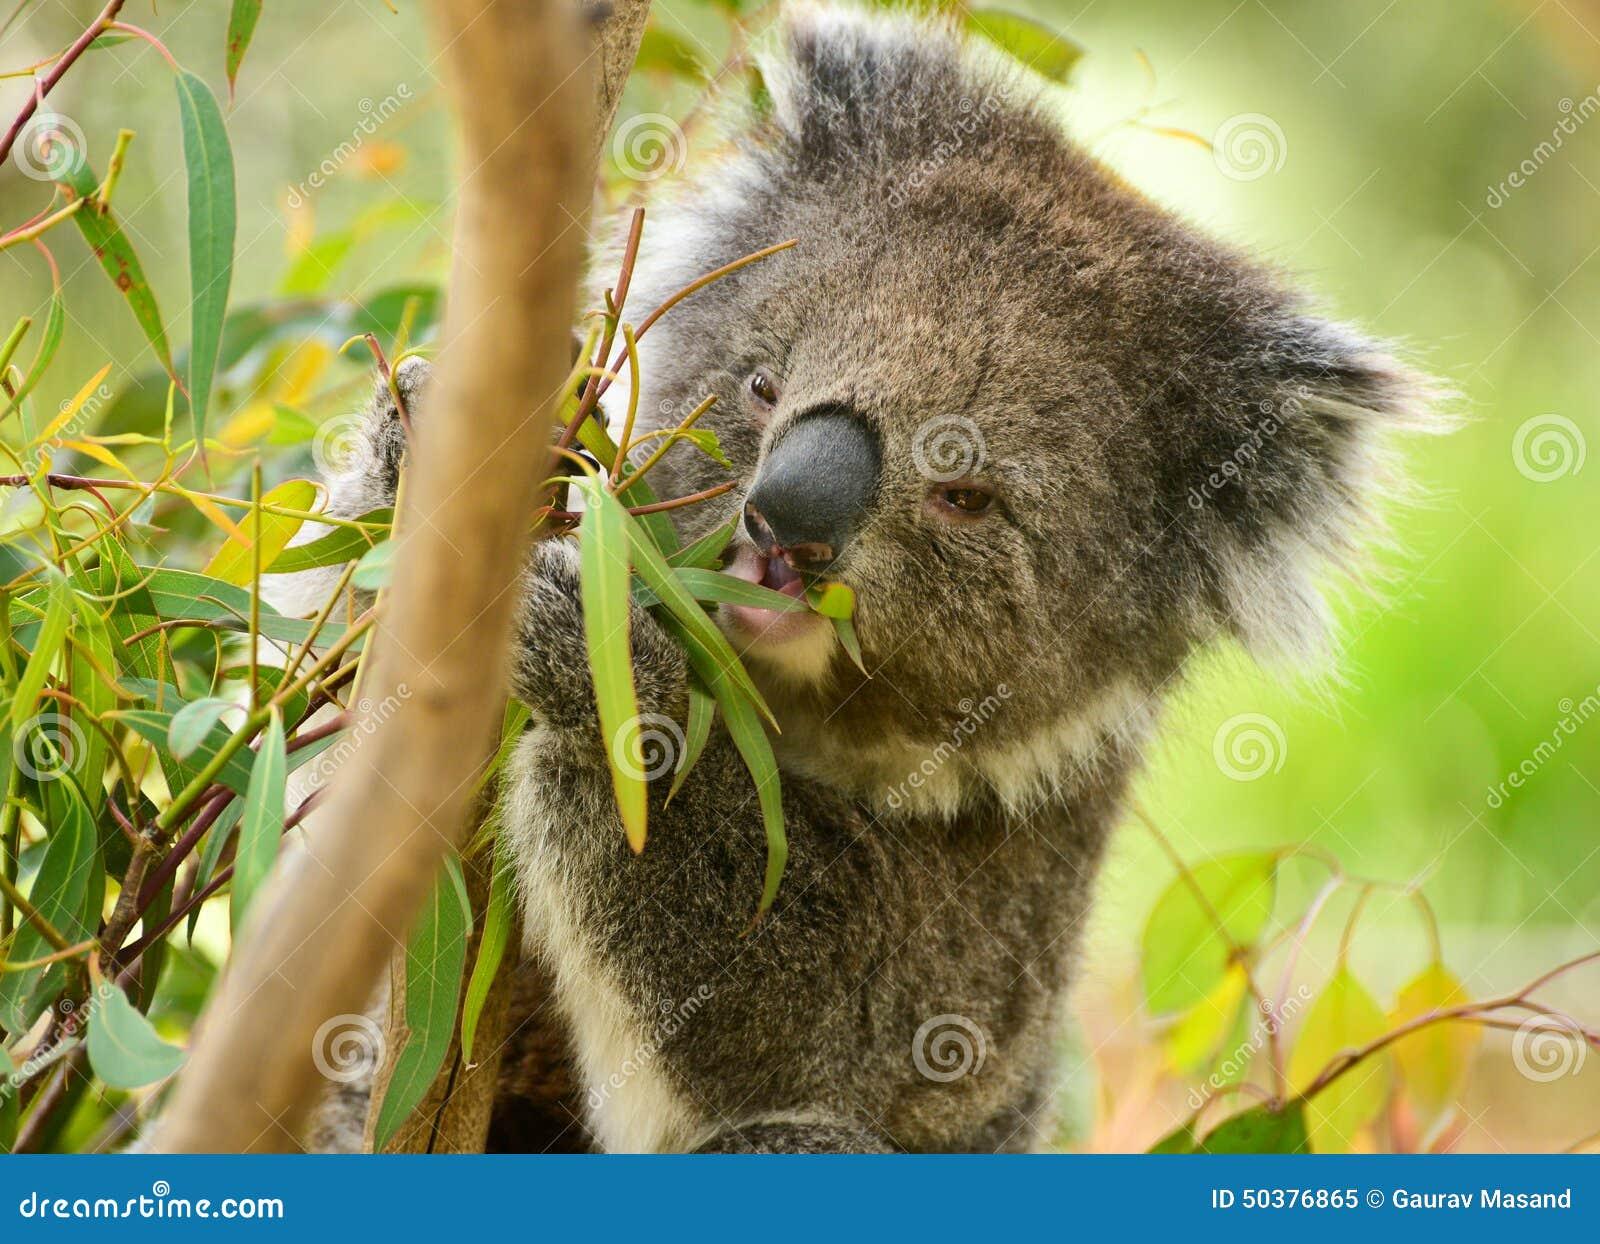 Koala bear eating leaves in melbourne